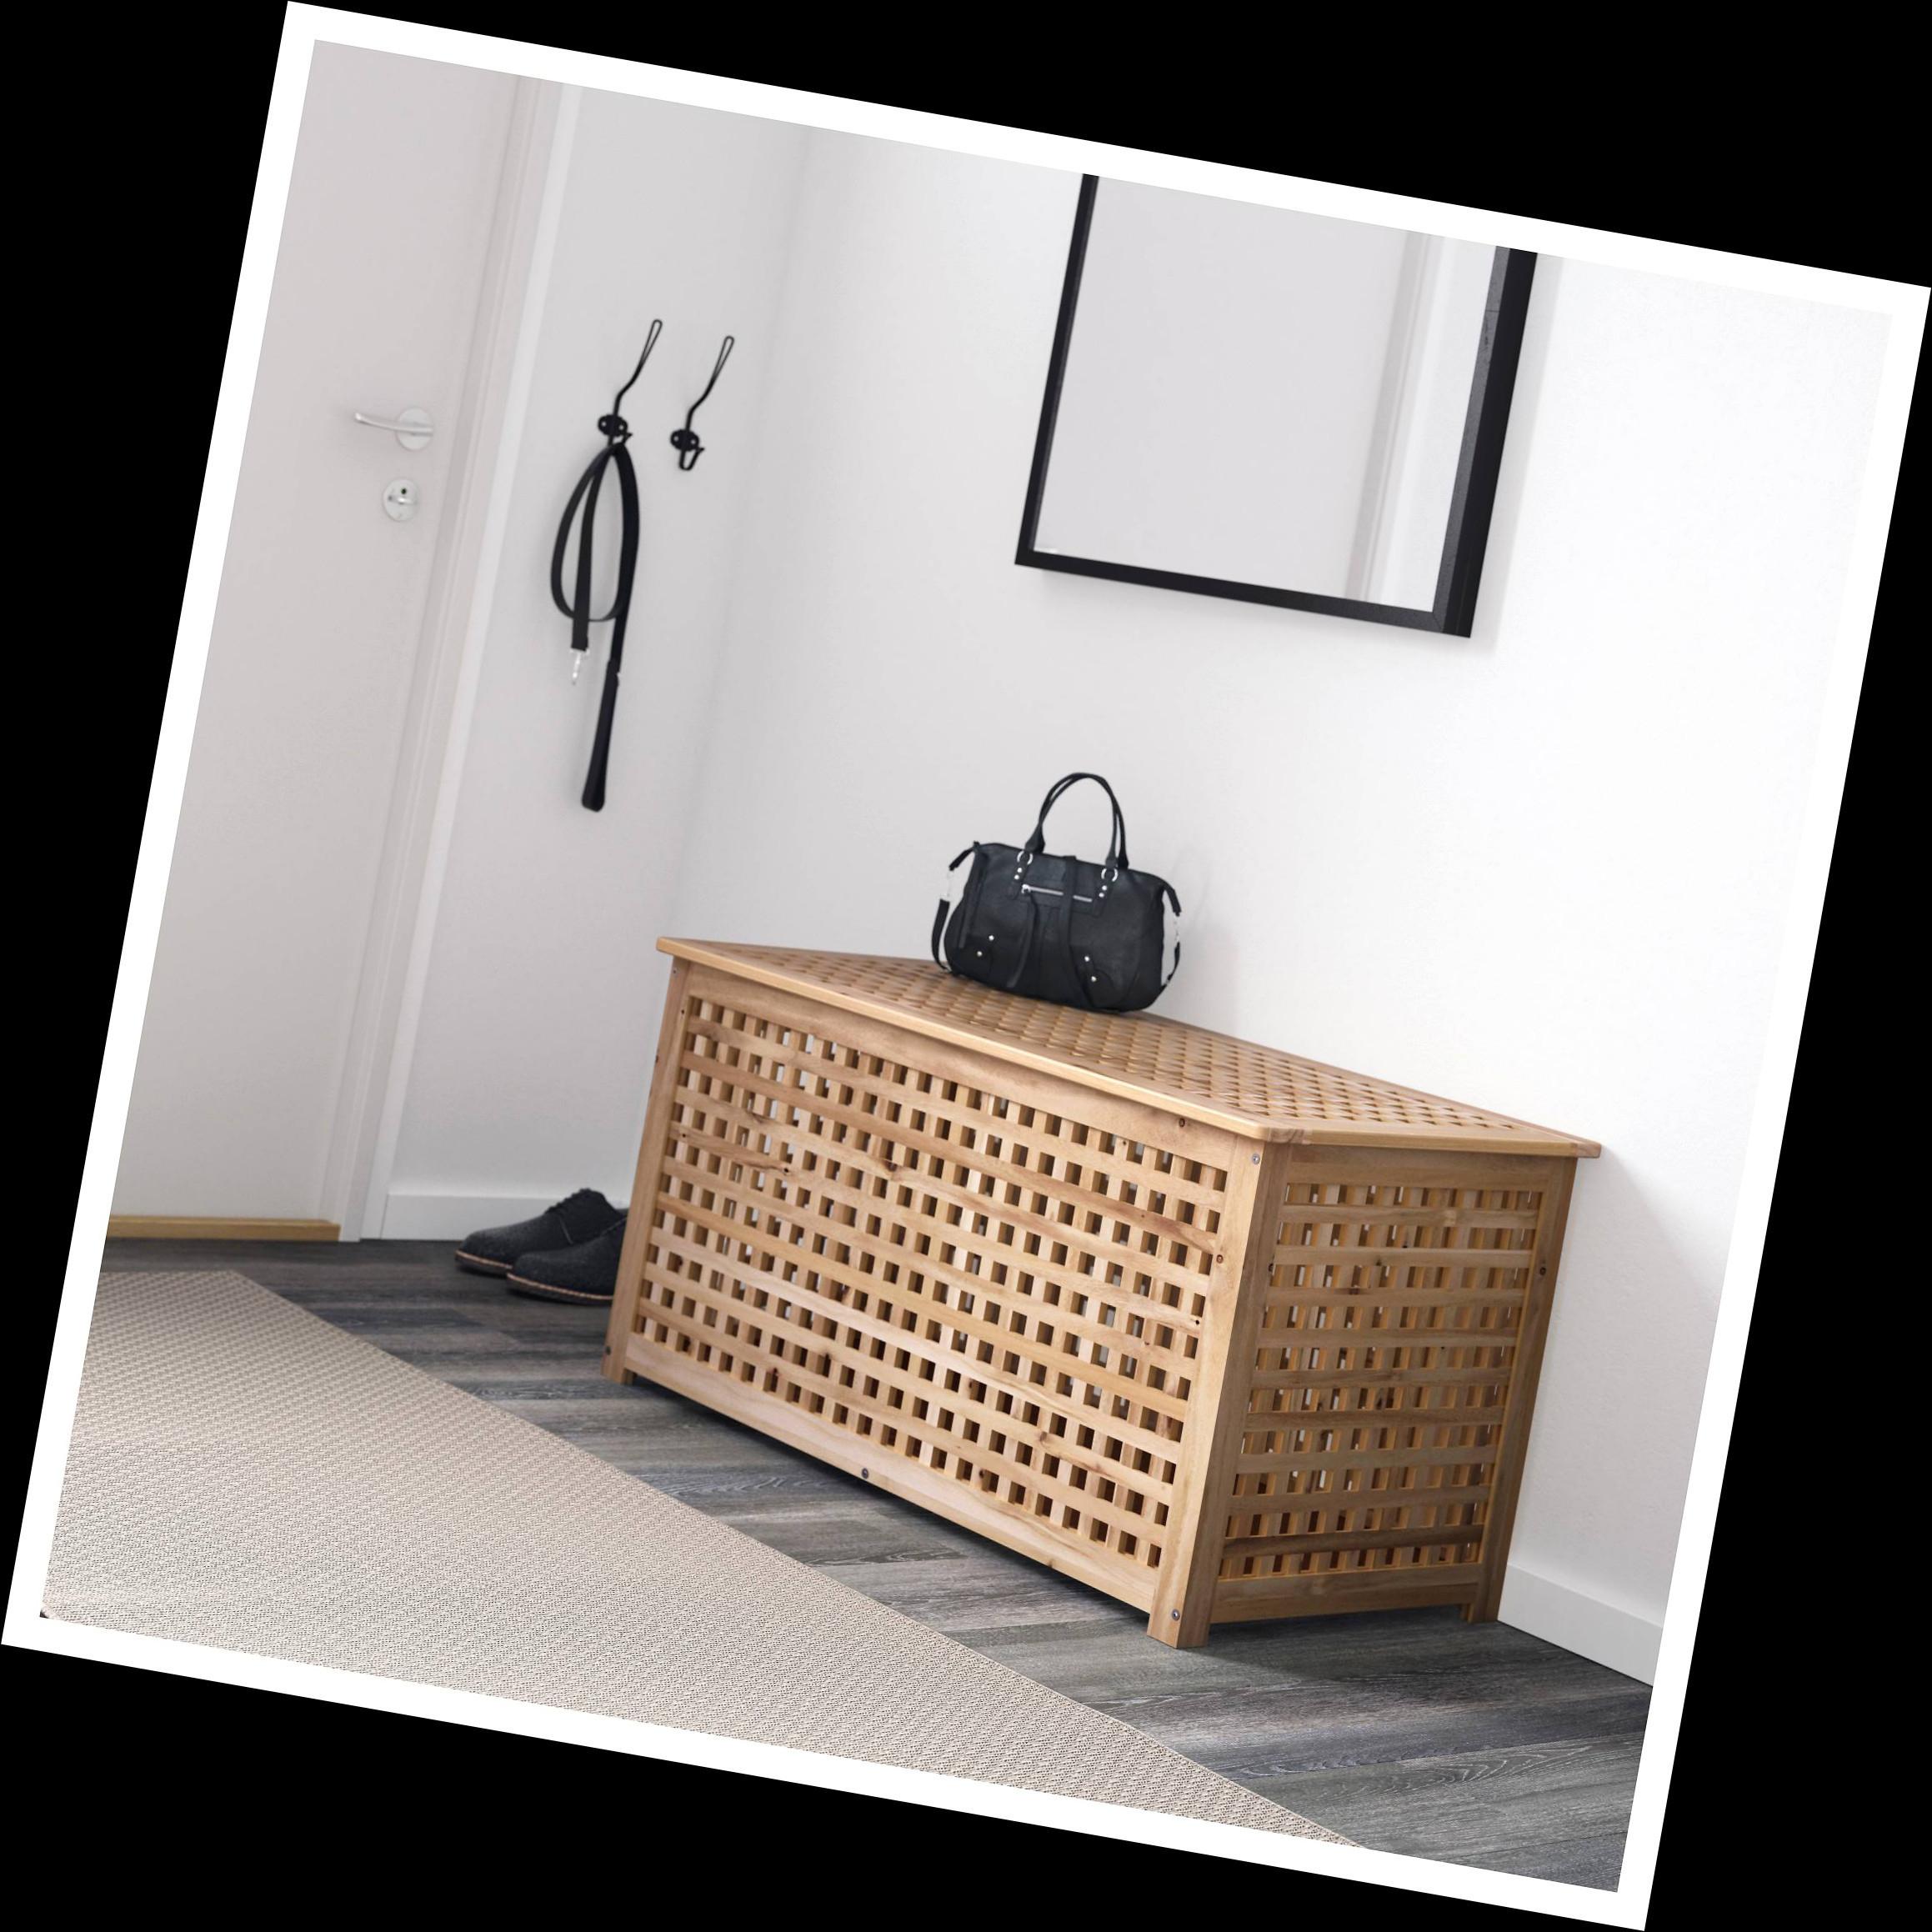 Brise Bise Ikea Inspirant Images Les Marquant Chambre Des Merces Montpellier Conception Pendant